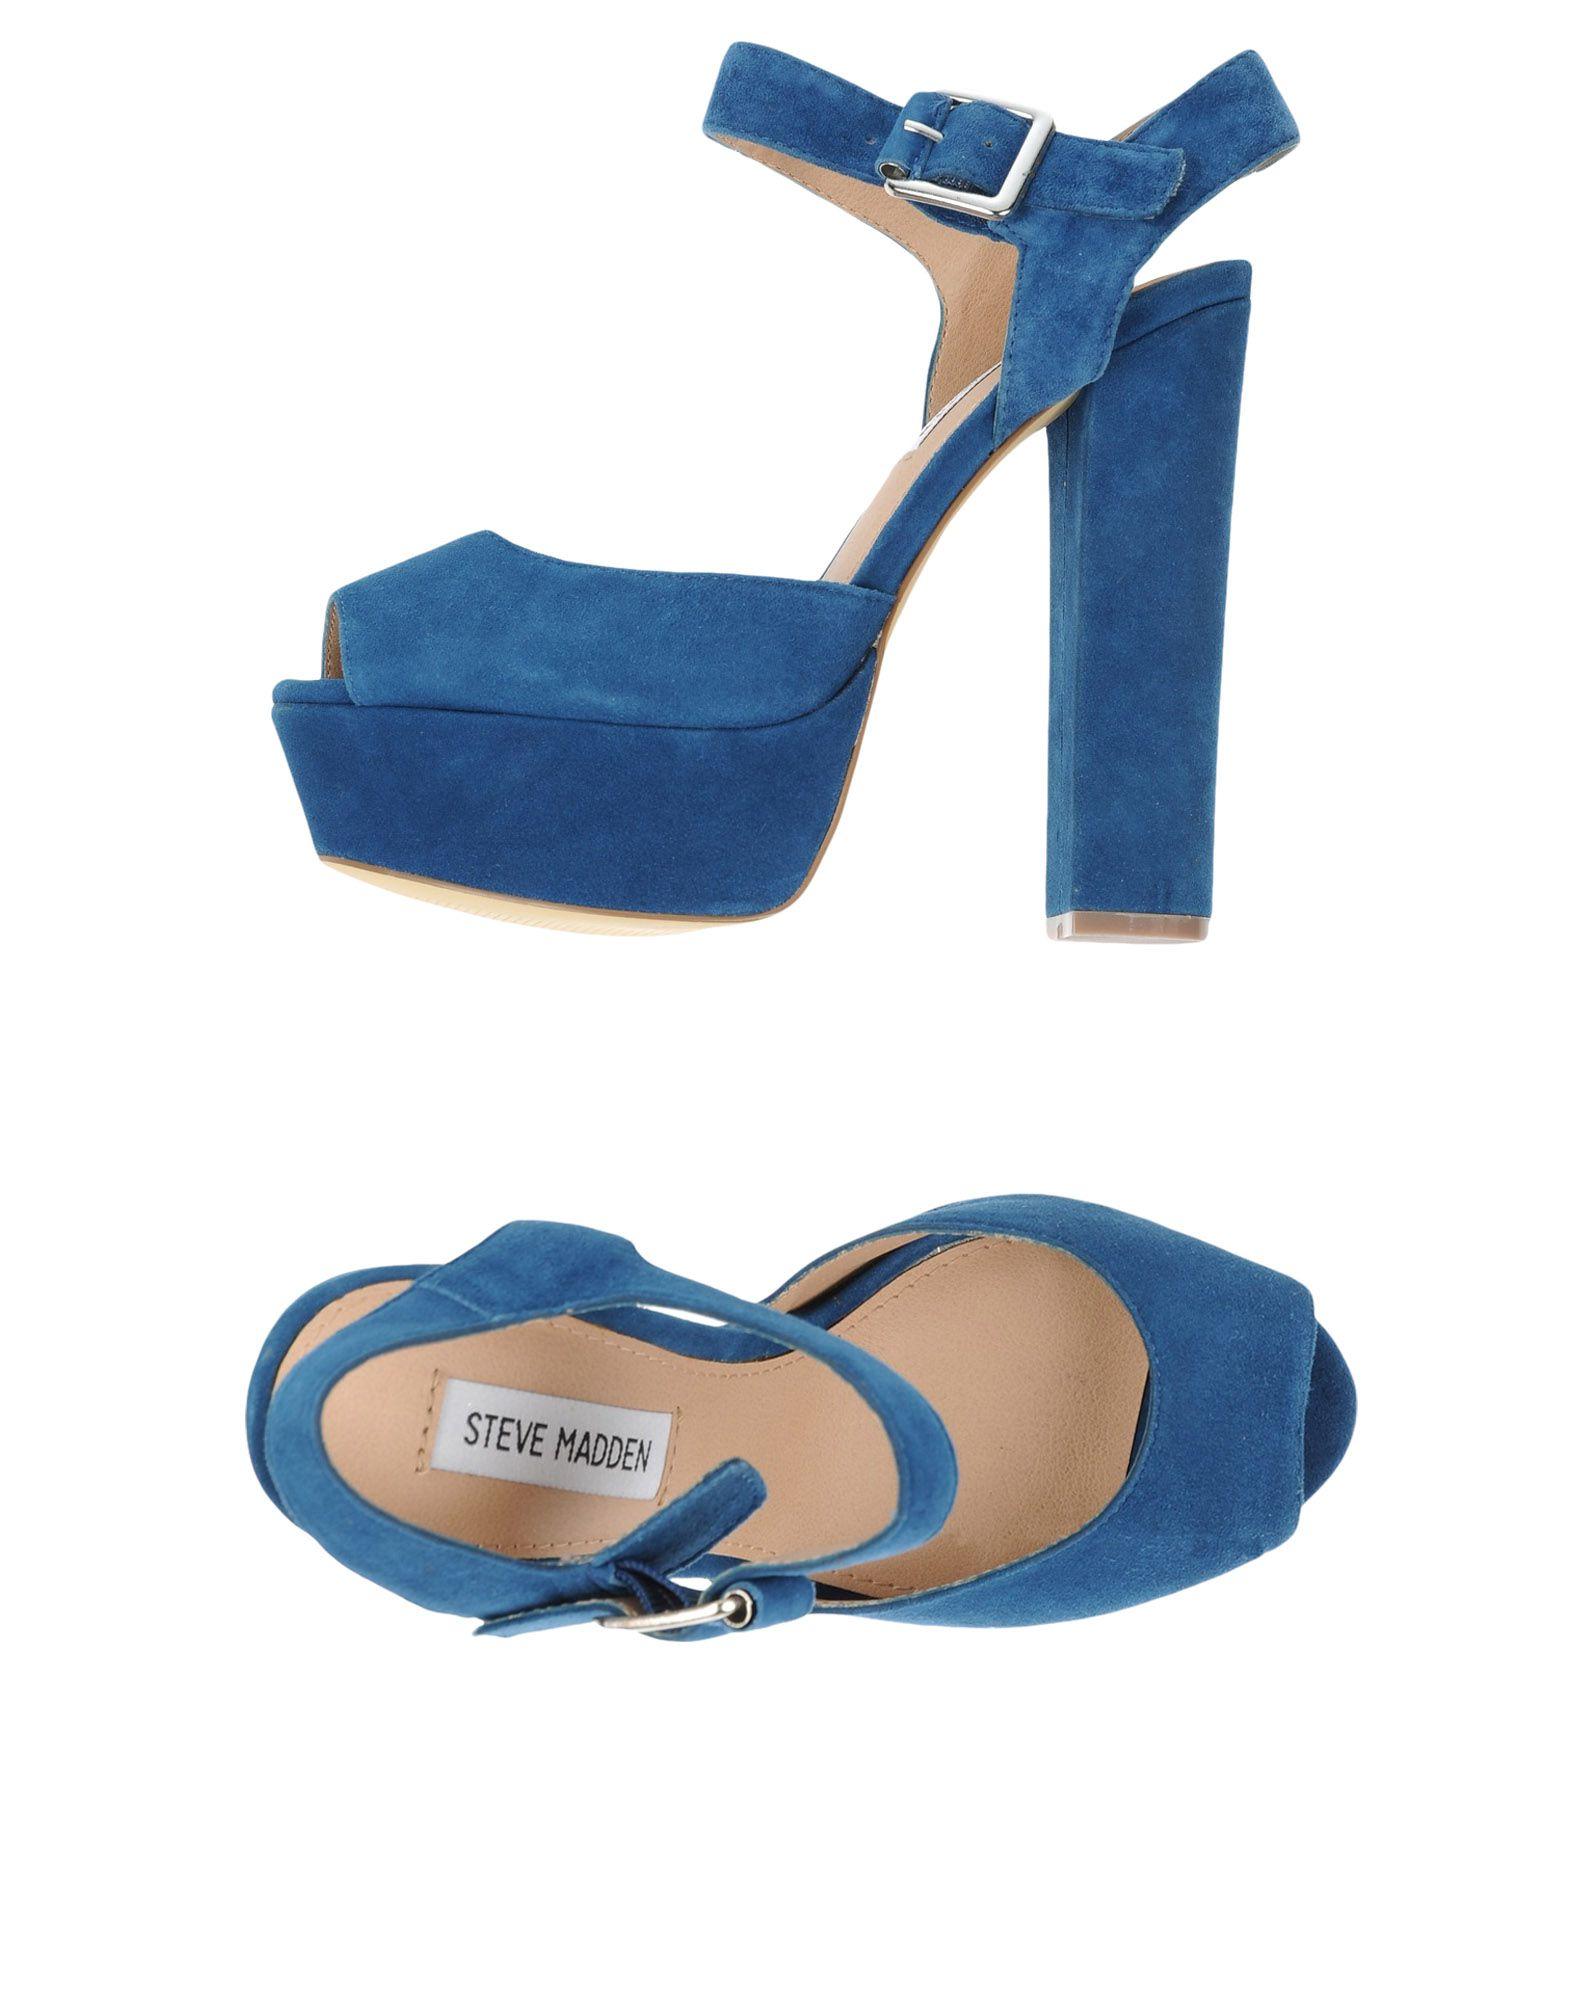 Steve Madden Sandalen Damen  11364799EA Gute Qualität beliebte Schuhe